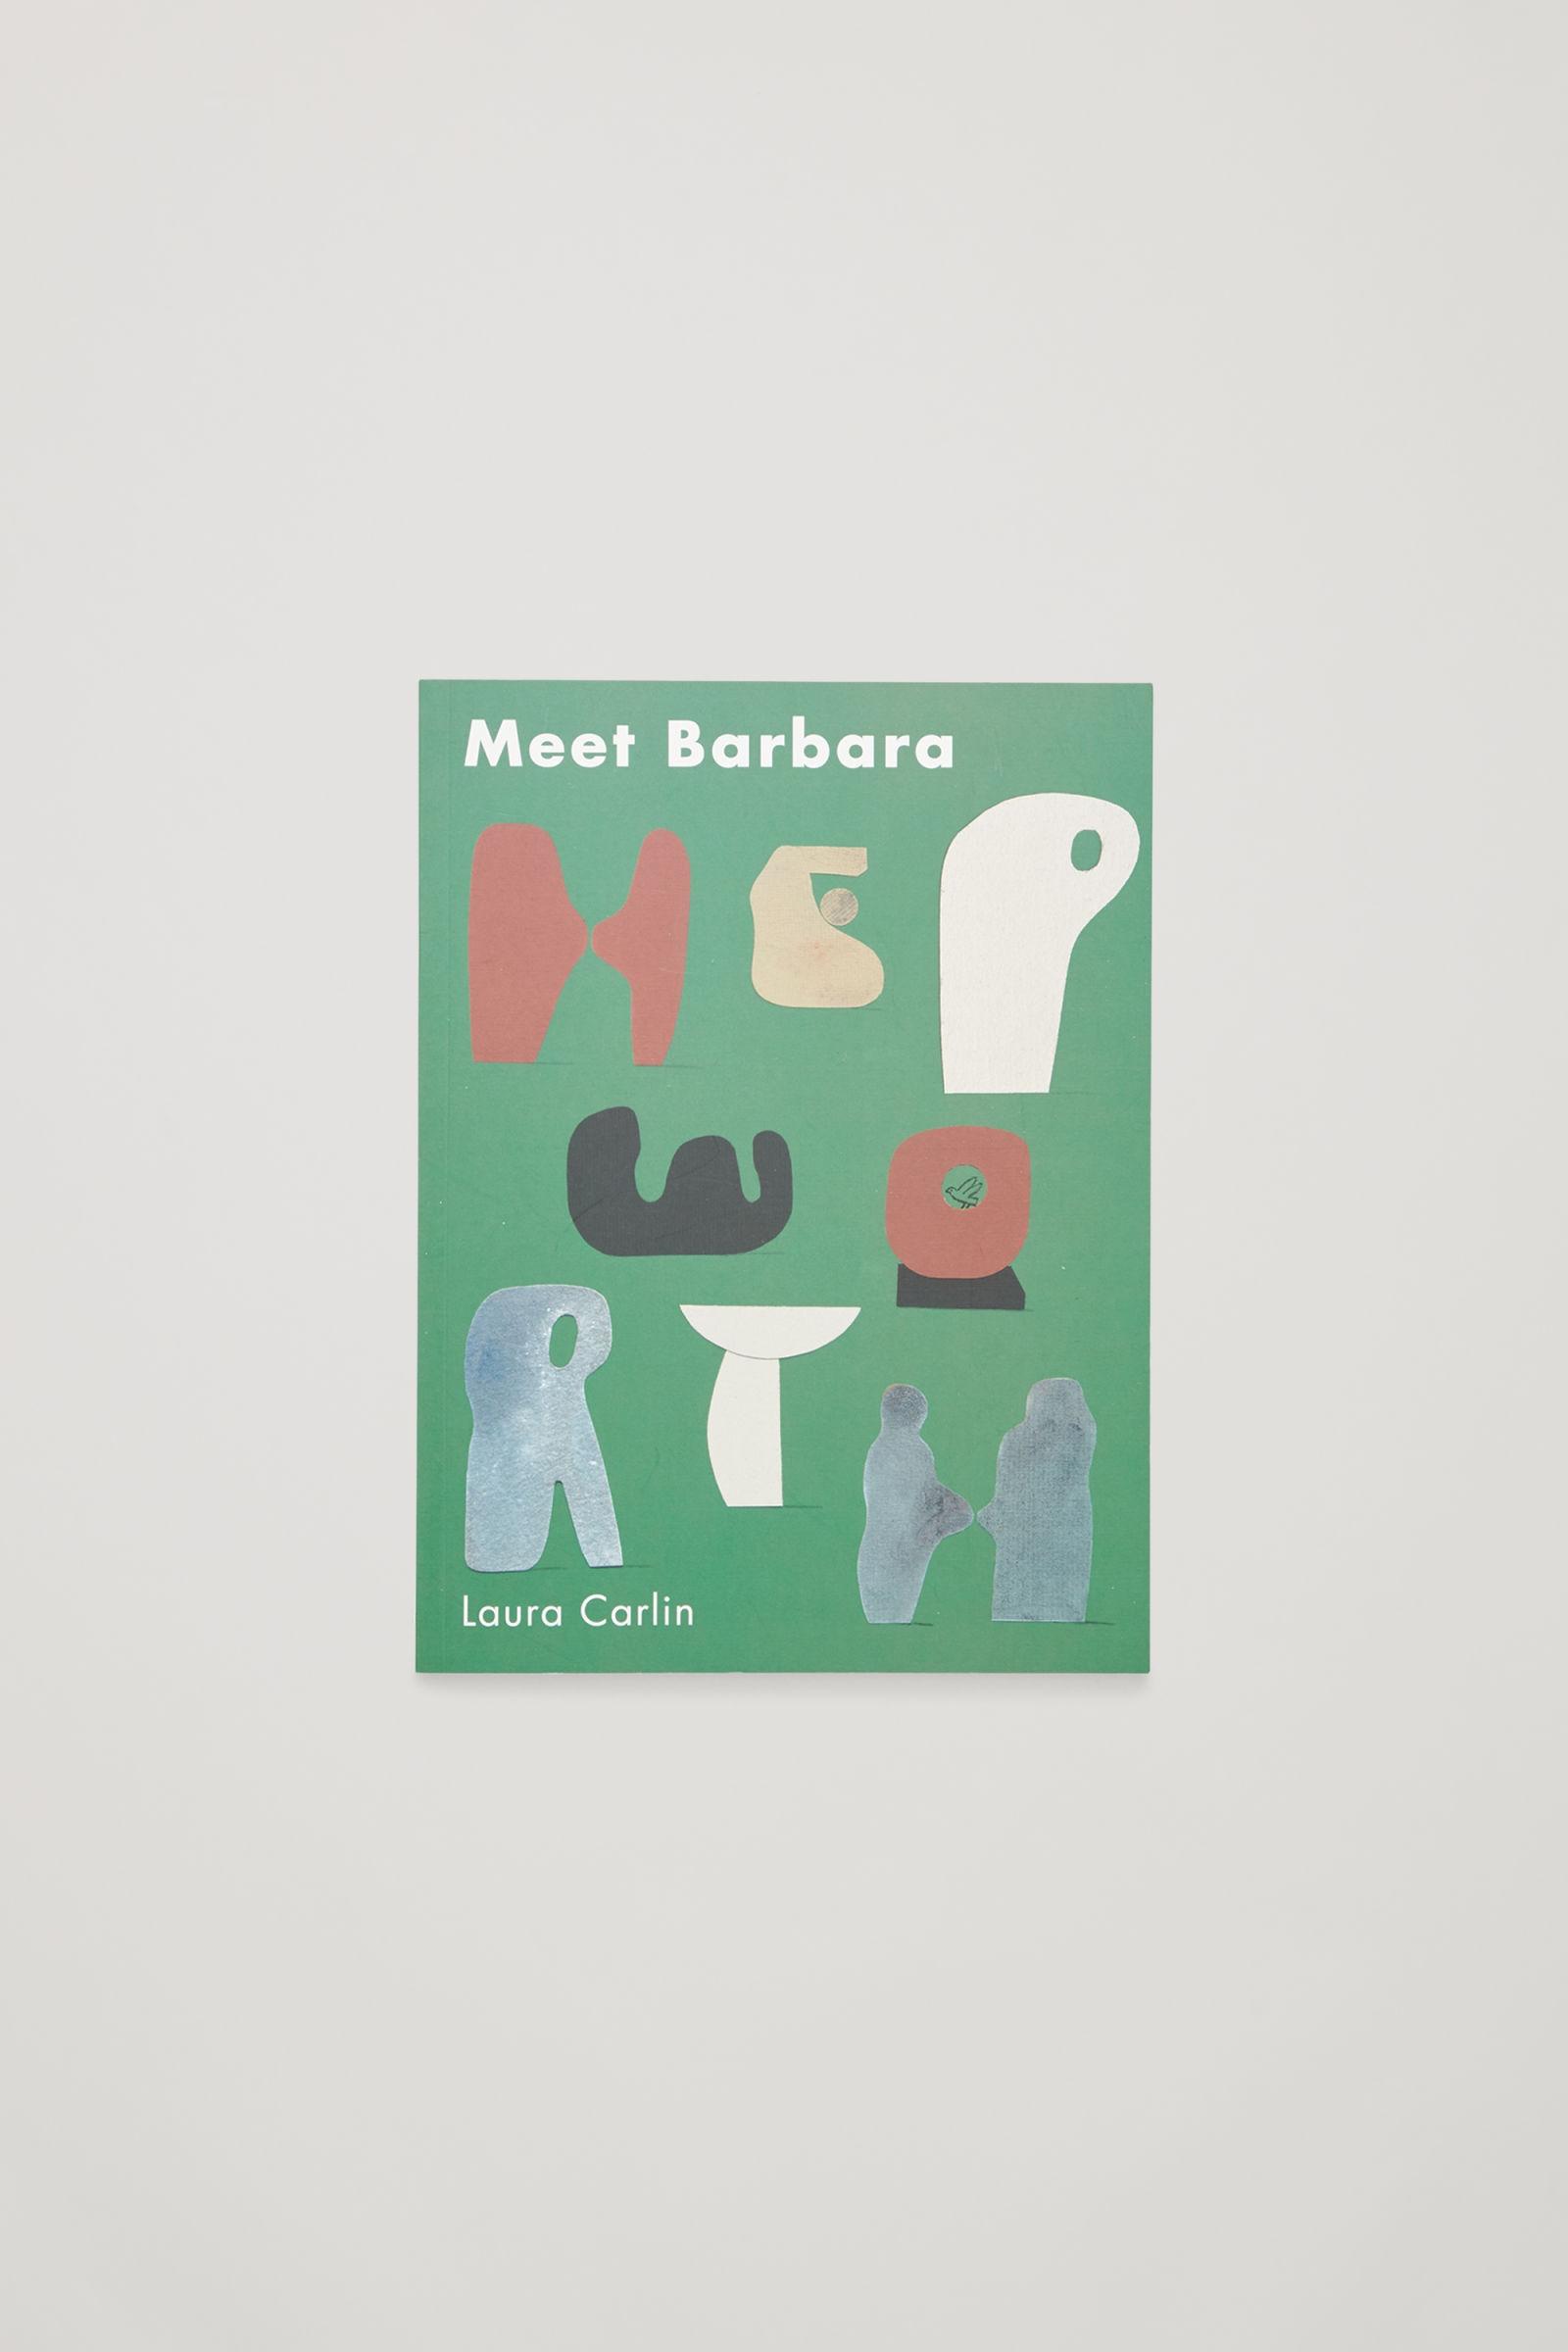 코스 키즈 아트북, 일러스트 책 COS MEET THE ARTIST BOOK,MEET BARBARA HEPWORTH